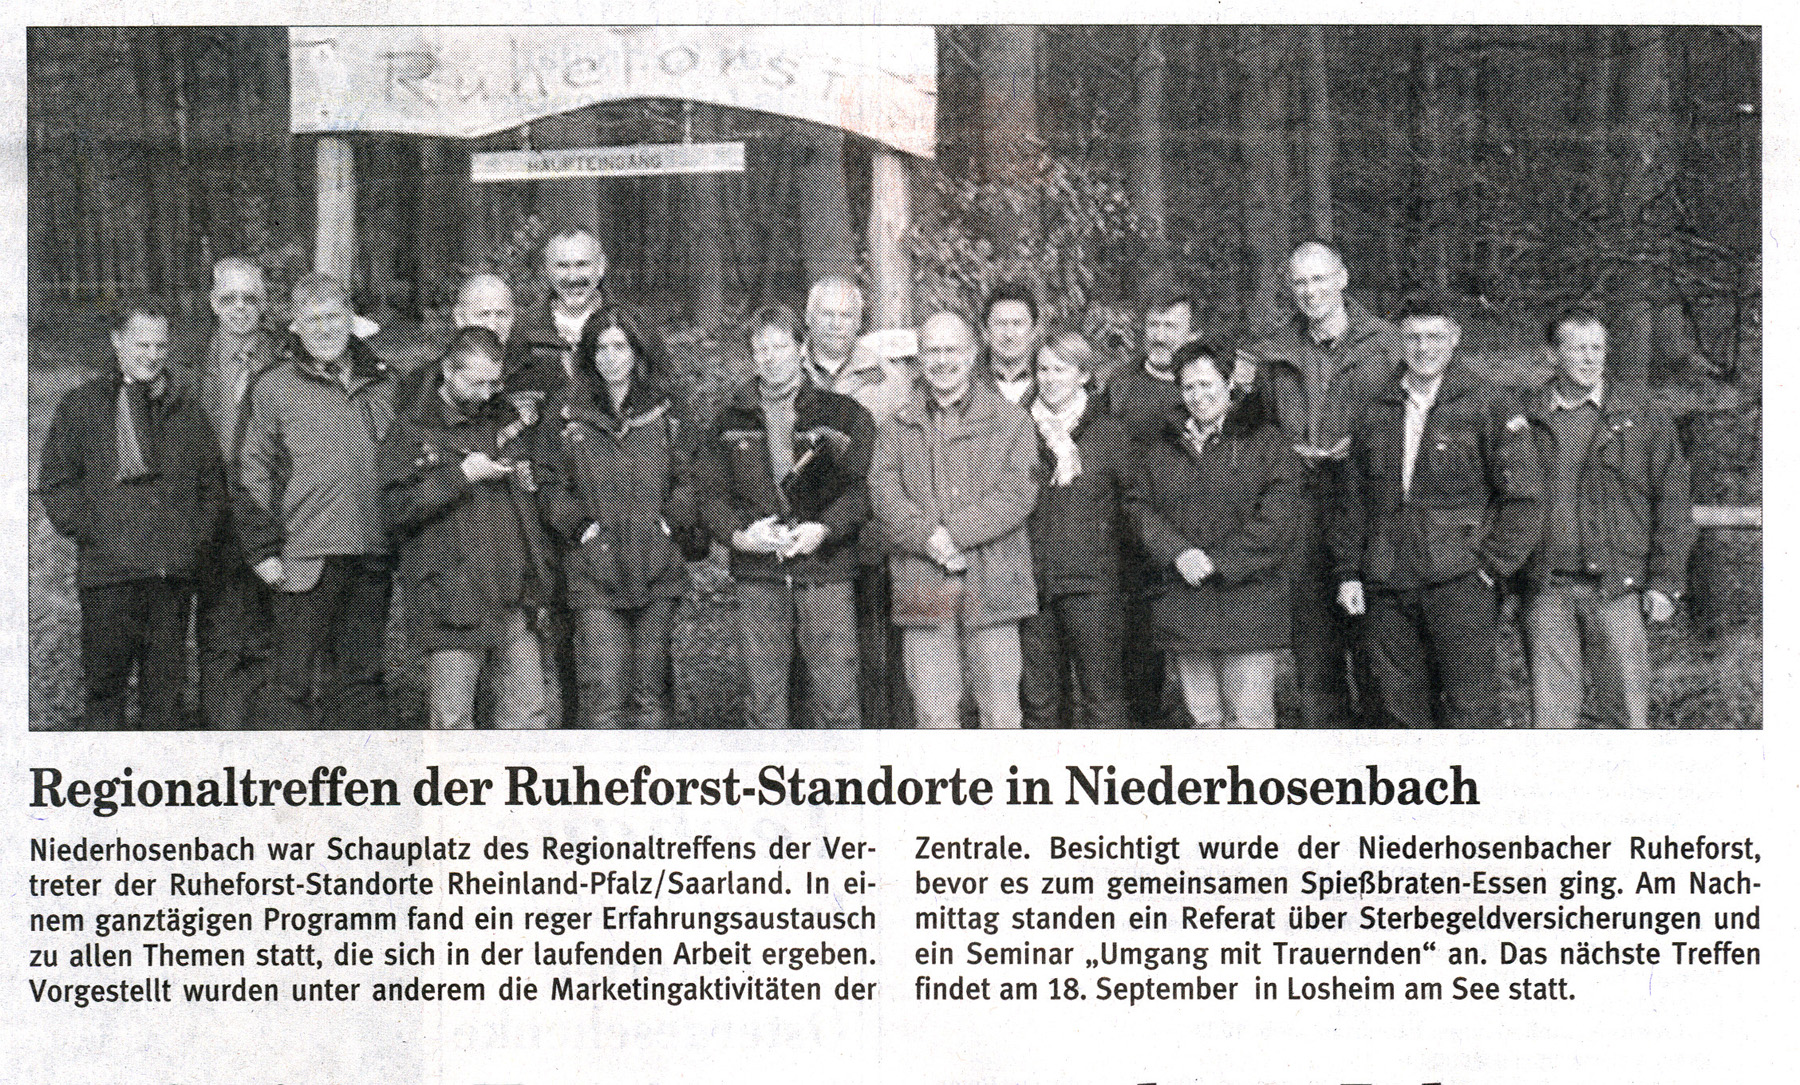 2008.03.20. Nahe-Zeitung - Kopie